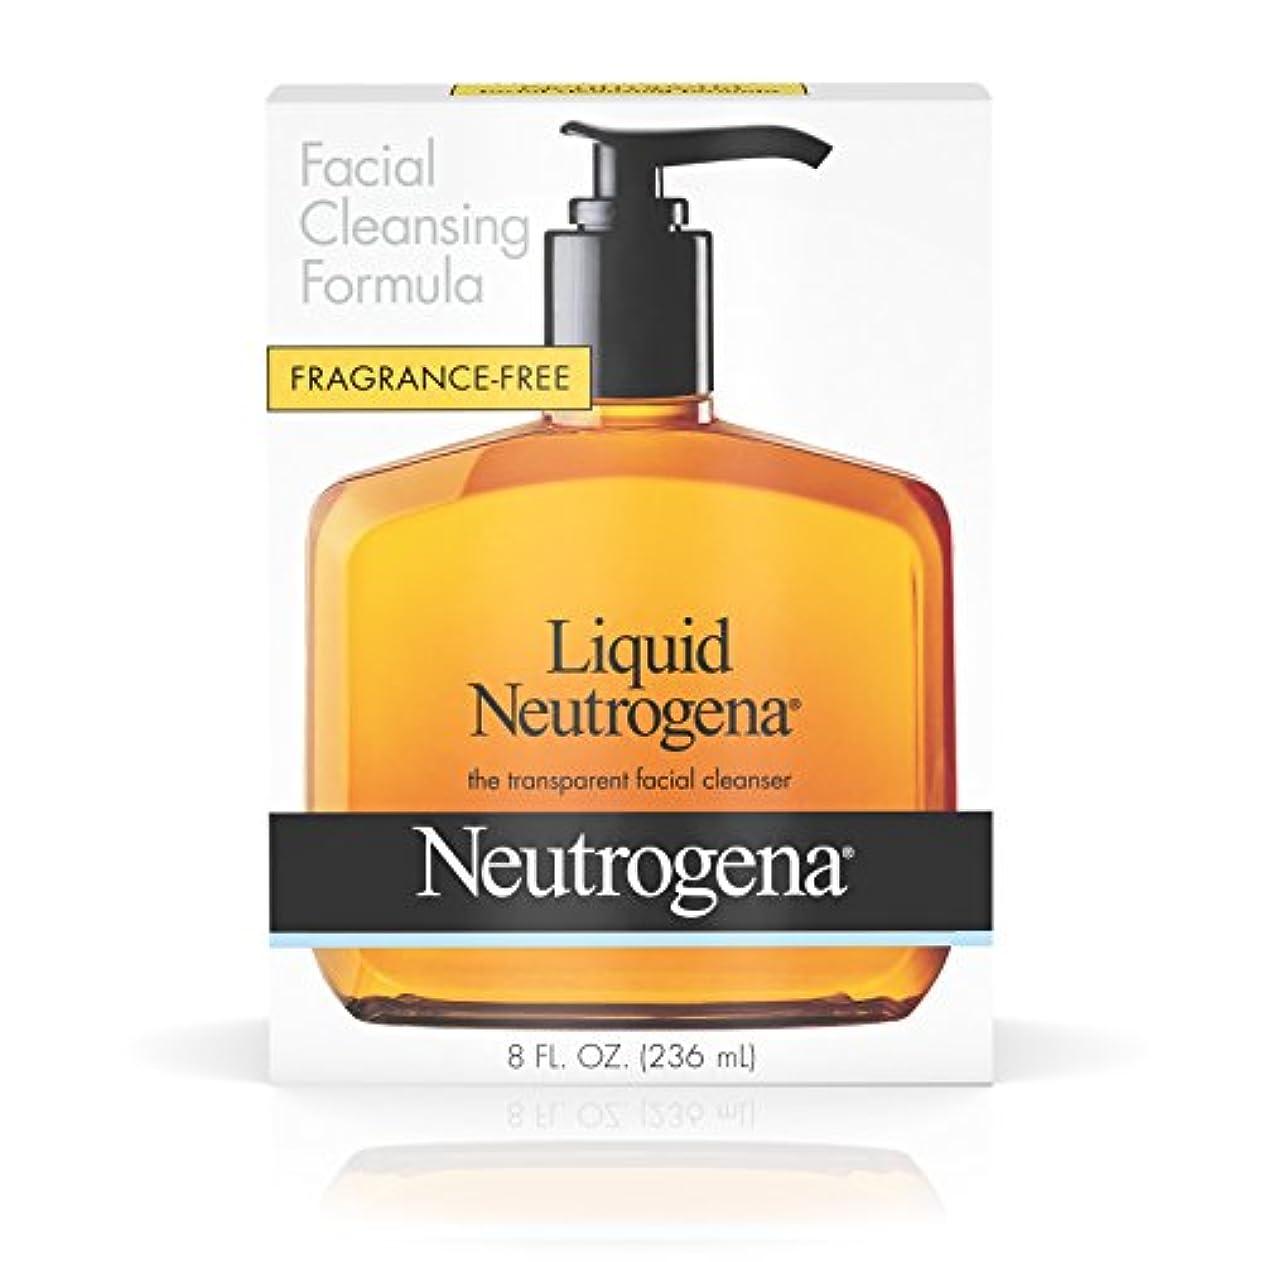 カップ顔料プリーツNeutrogena 液体洗顔式、8フロリダ。オンス